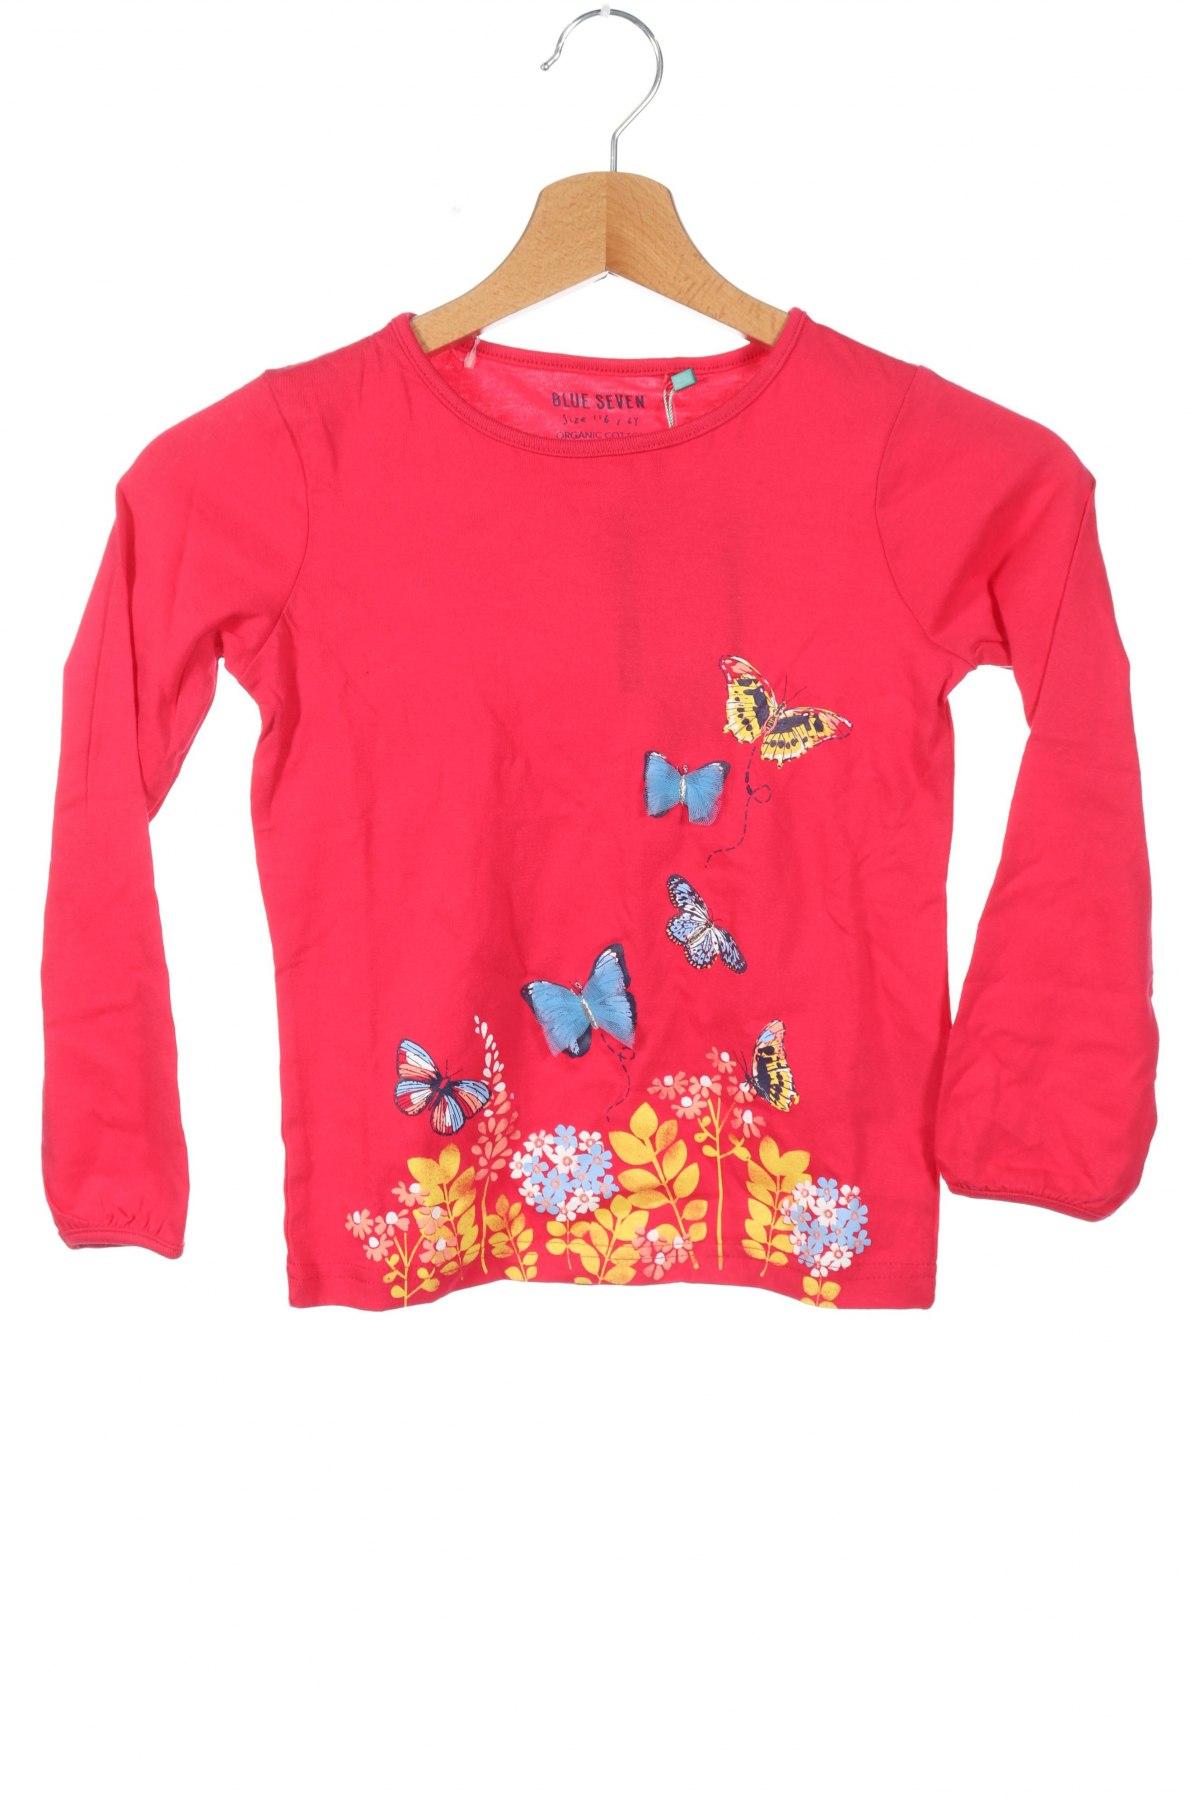 Παιδική μπλούζα Blue Seven, Μέγεθος 5-6y/ 116-122 εκ., Χρώμα Ρόζ , Βαμβάκι, Τιμή 7,42€